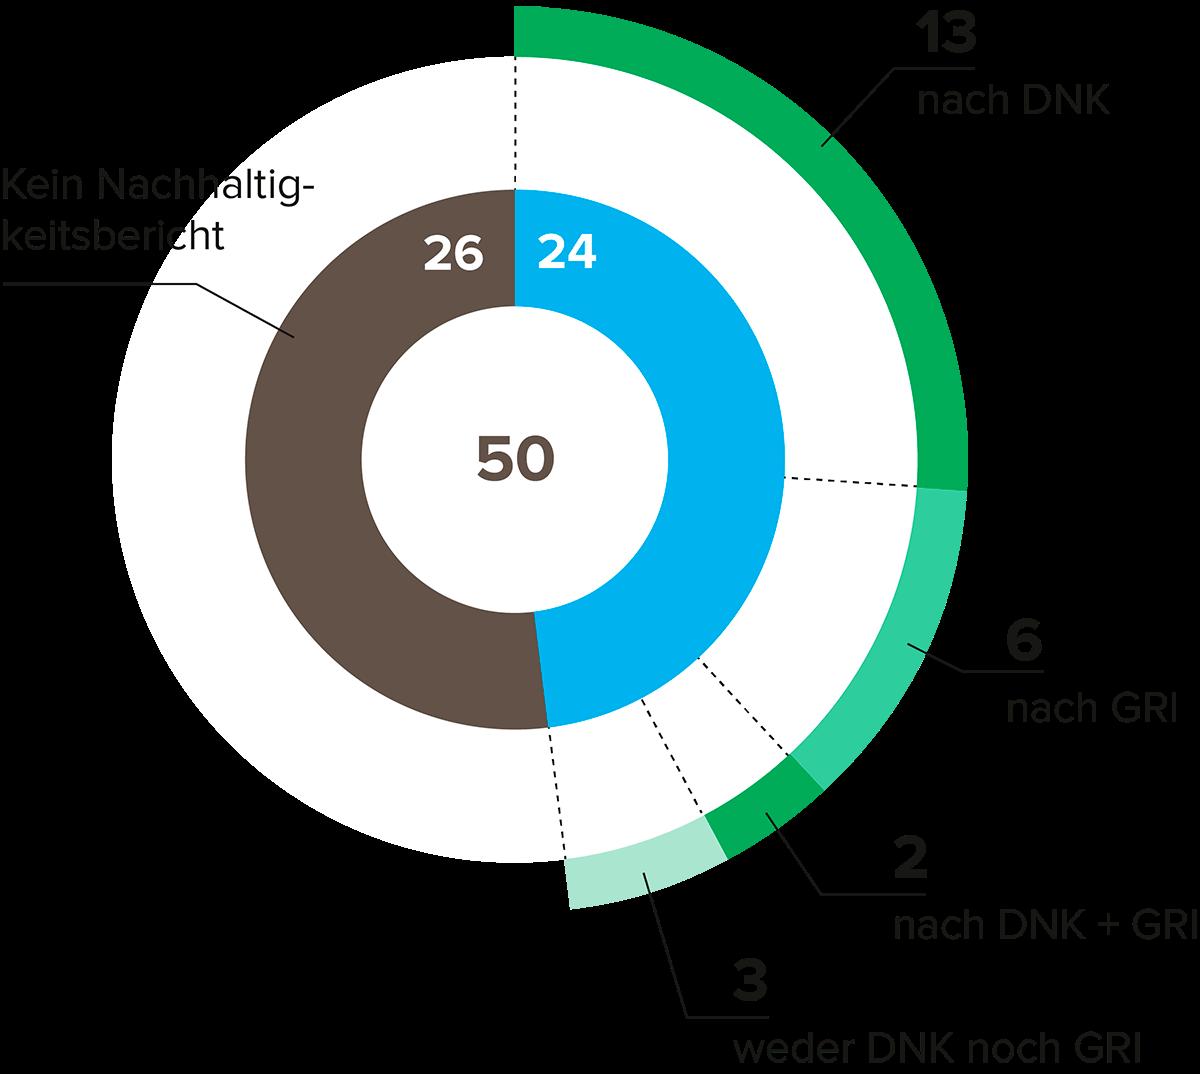 Abbildung 1: Nachhaltigkeitsberichte der Top 50 der deutschen Wohnungsunternehmen